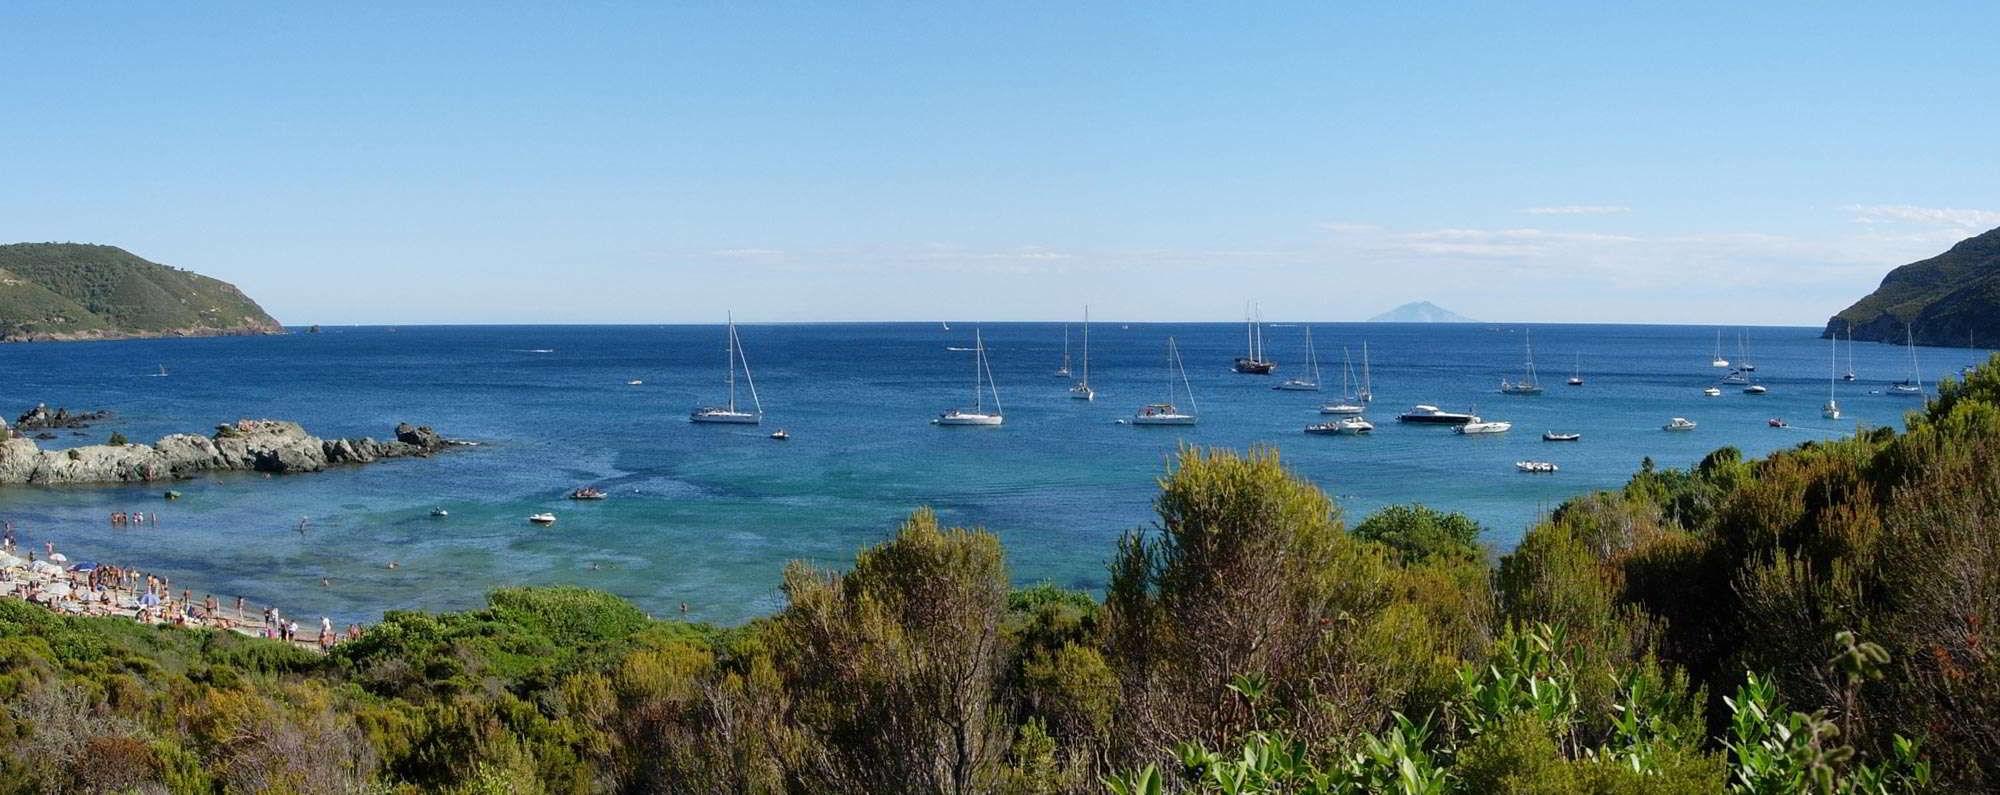 Alquiler de barcos en Elba